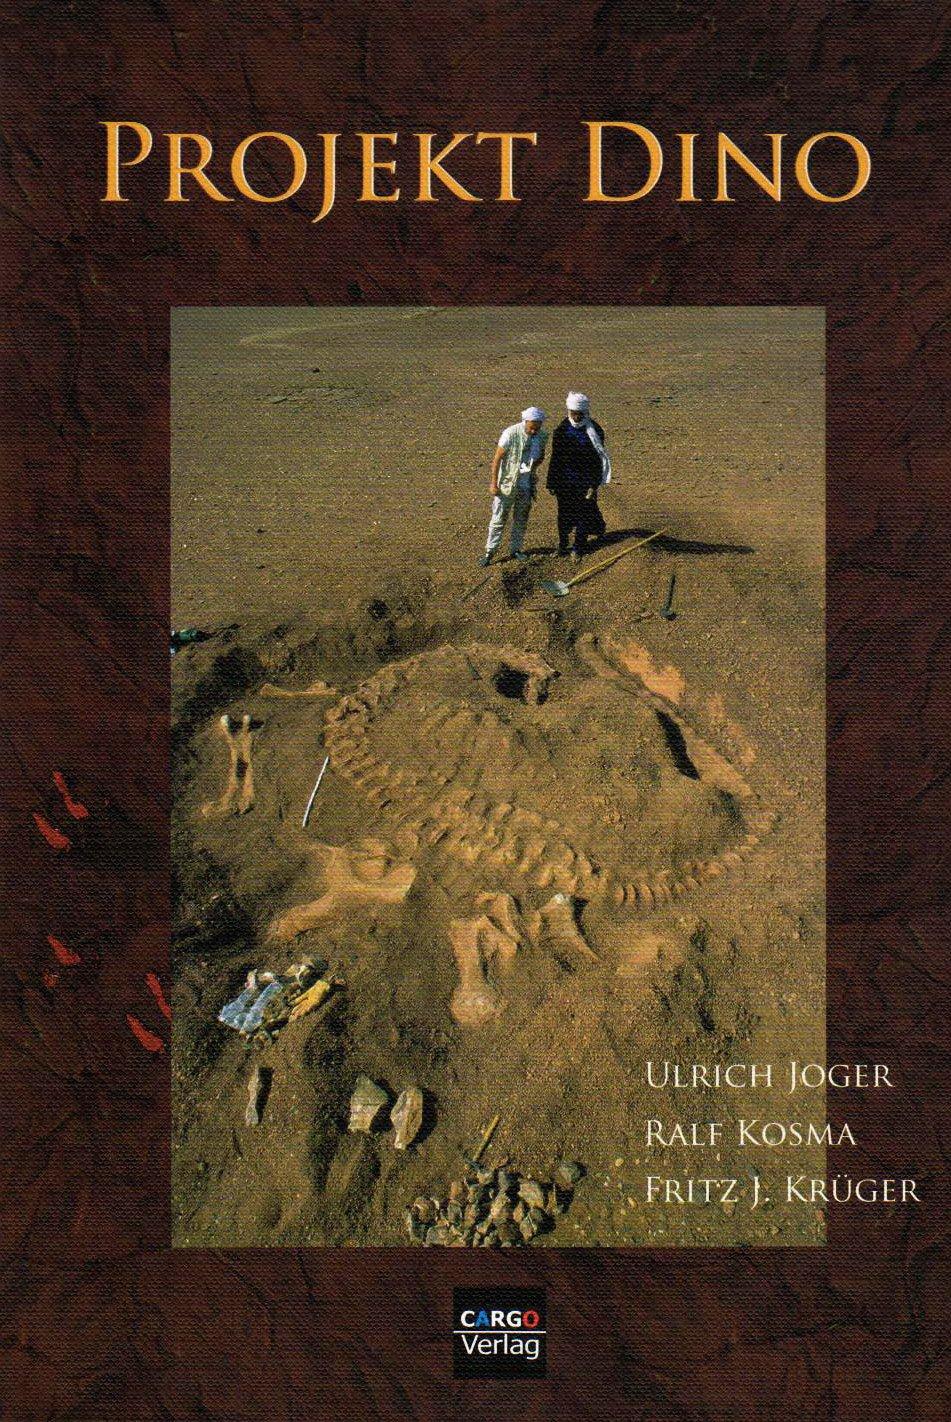 Projekt Dino: Die Entdeckungsgeschichte neuer Dinosaurier in Niger, Afrika